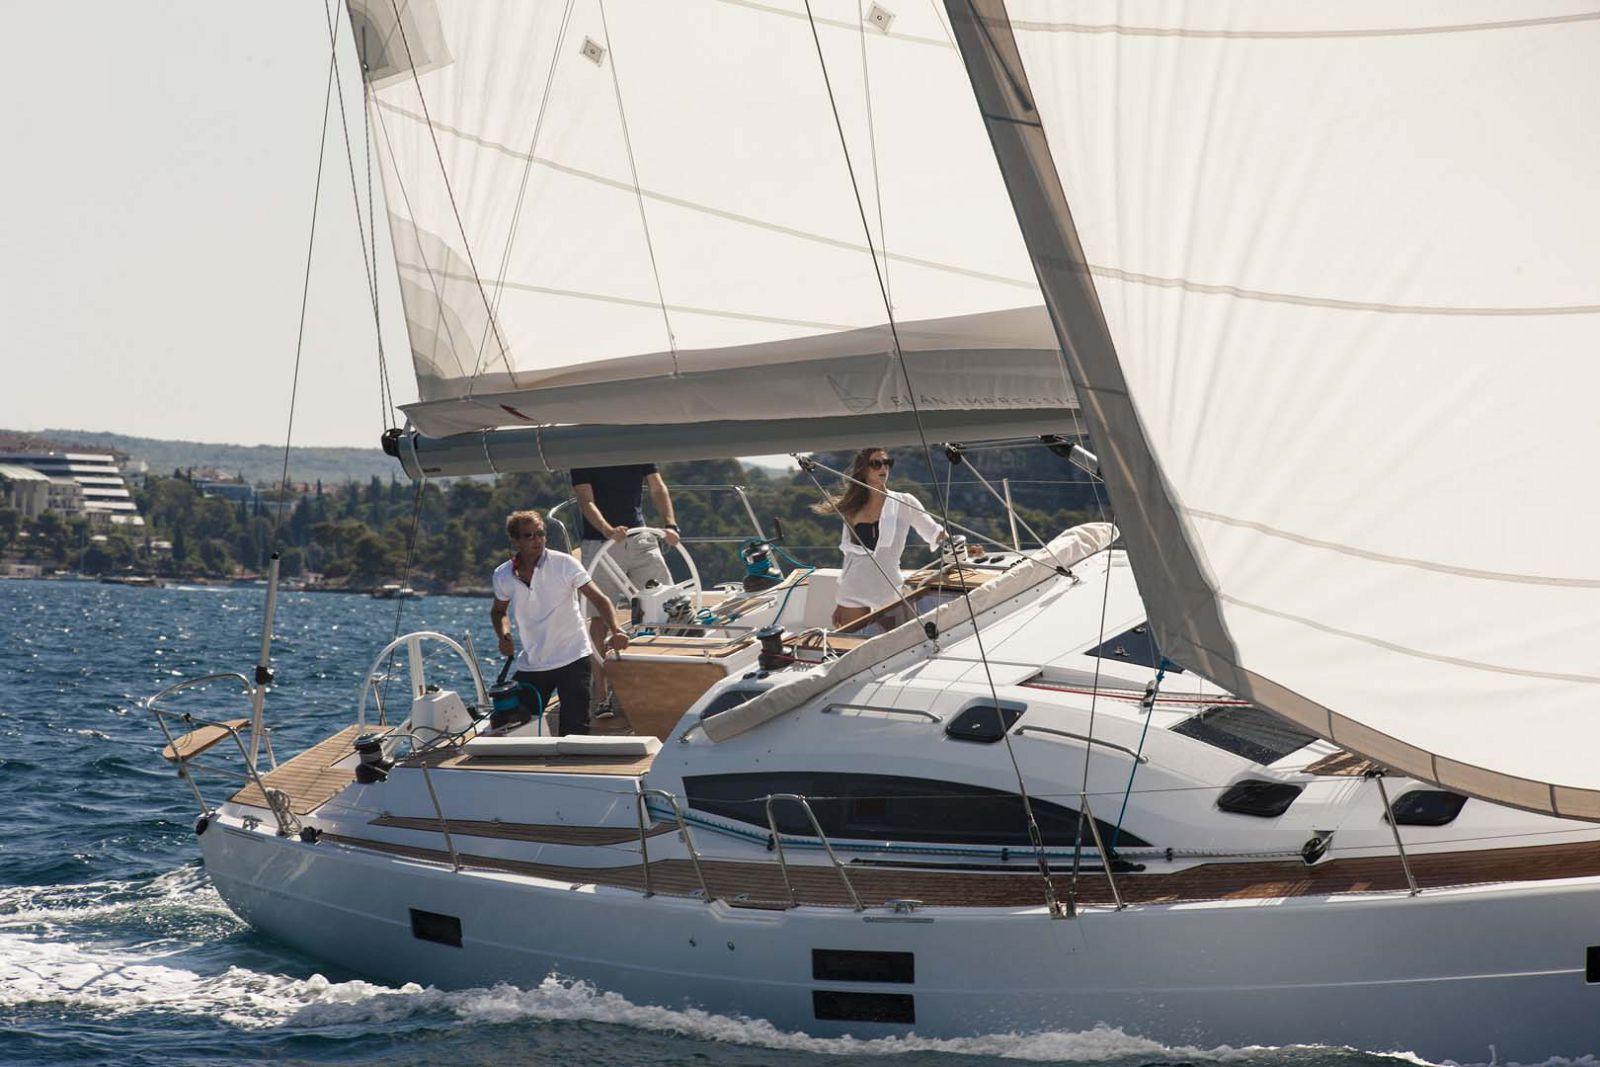 Elan-Yachts-Impression-50-family